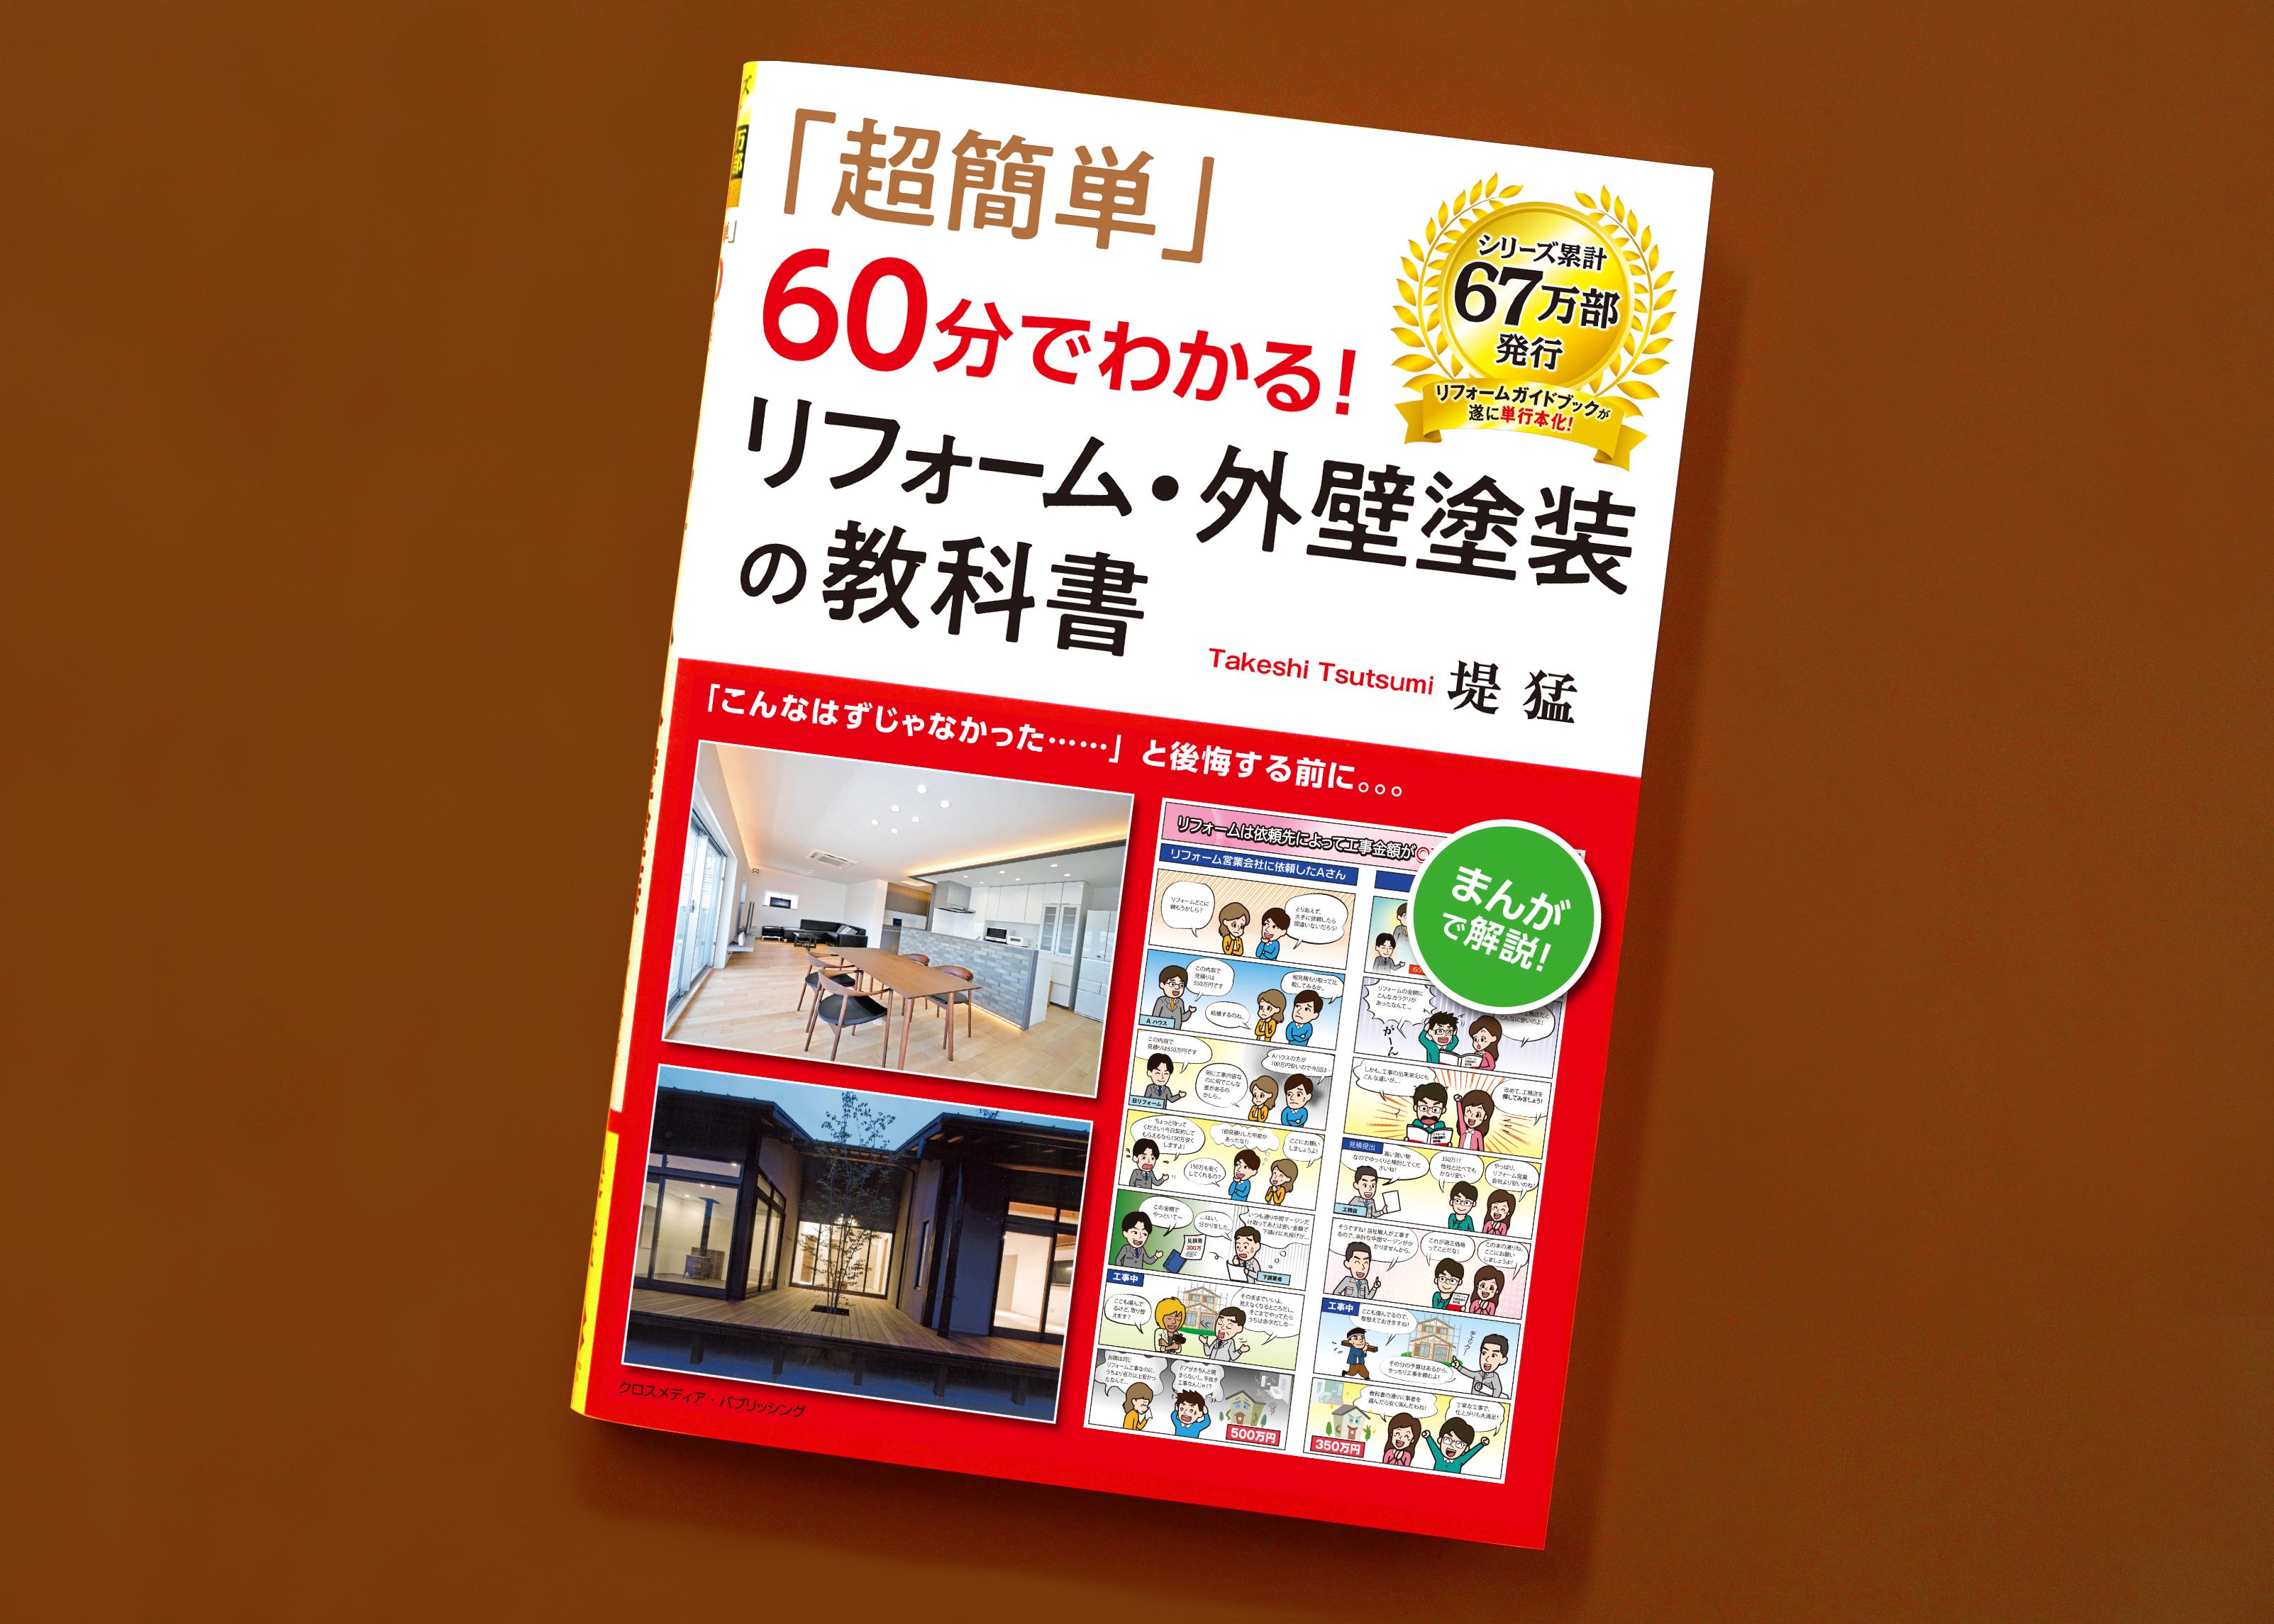 「超簡単」60分でわかる! リフォーム・外壁塗装の教科書